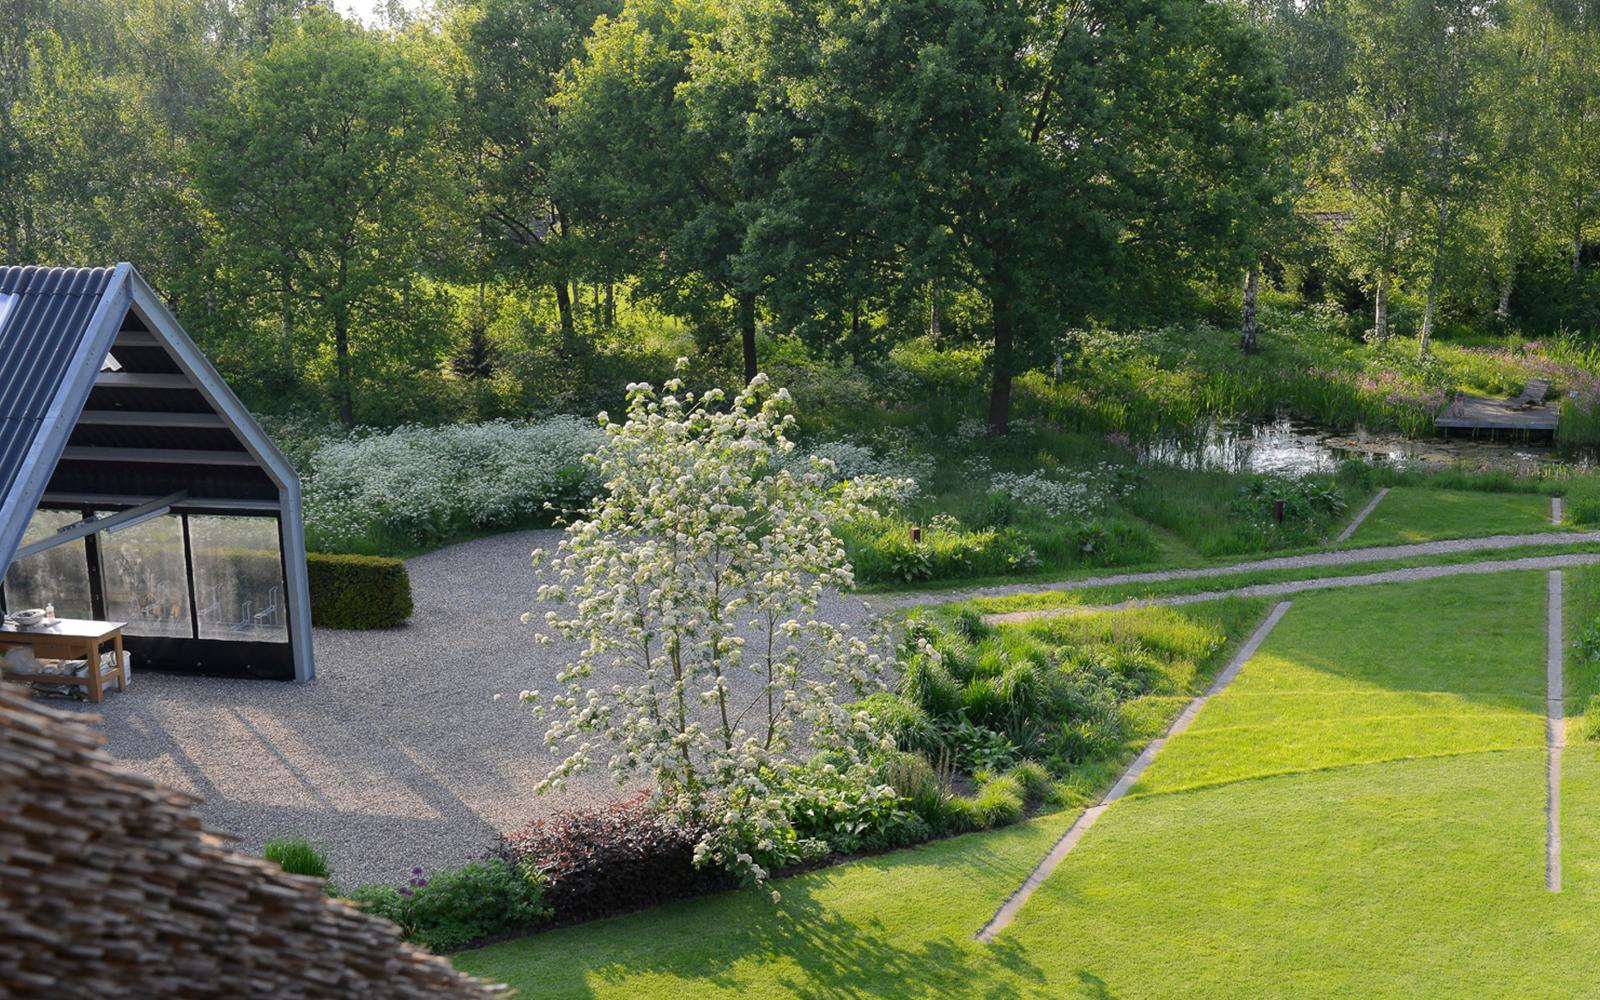 natuurlijke tuin, Van Mierlo Tuinen, Natuur, eenheid, afwisseling